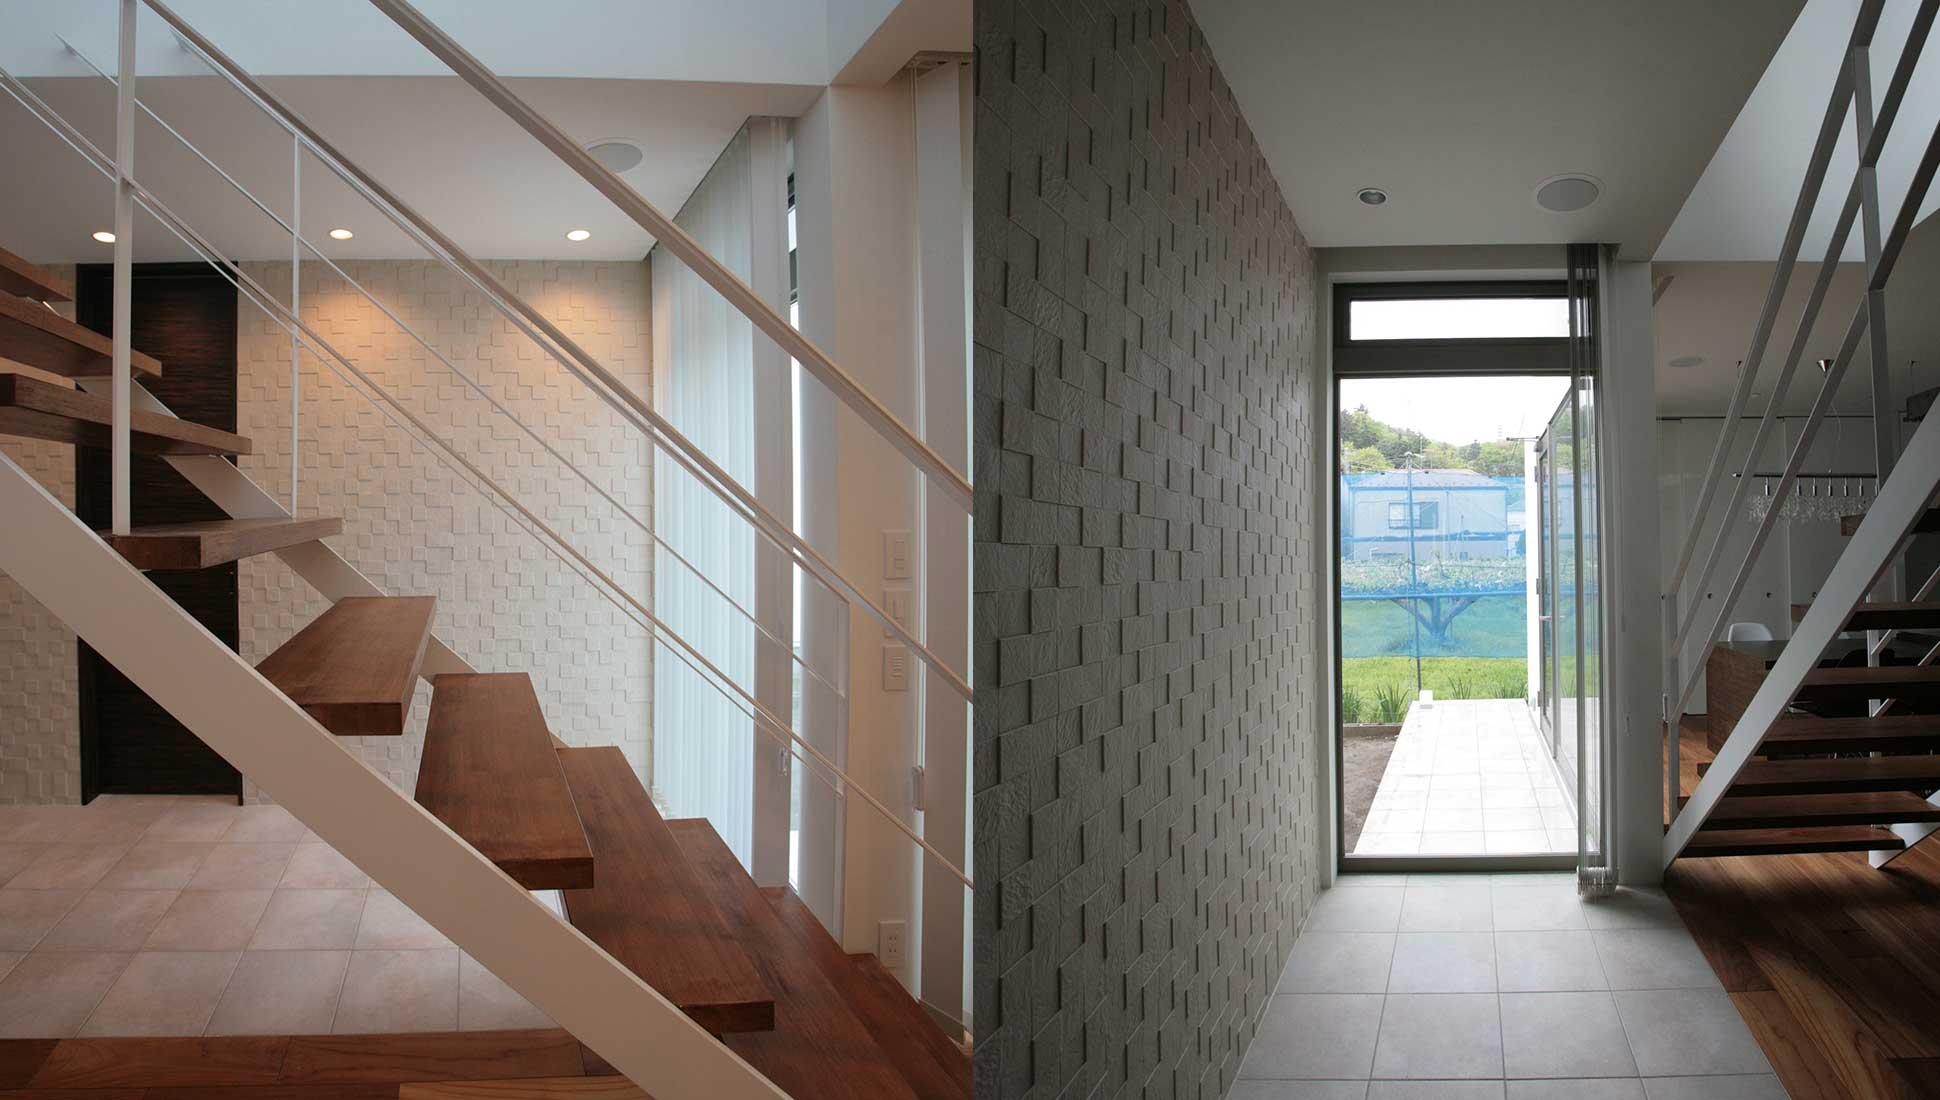 農園の見える窓と通り土間:通り土間を、おしゃれにデザイン